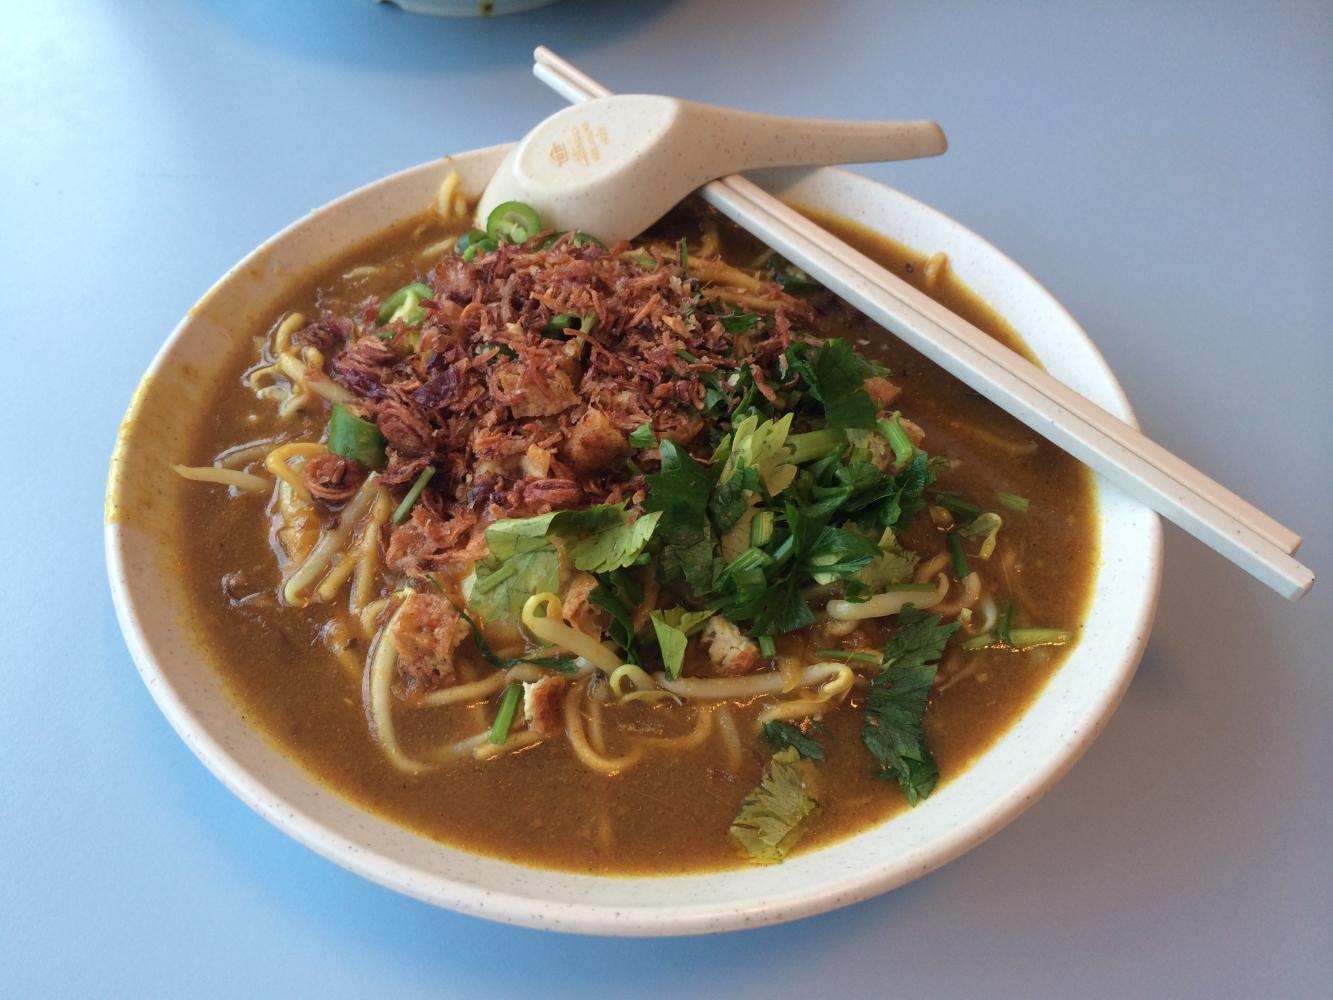 Mee Rebus - Indonesisches Nudelgericht mit Garnelen, Croutons, Limettenblättern, Frühlingszwiebeln, und Bratensoße